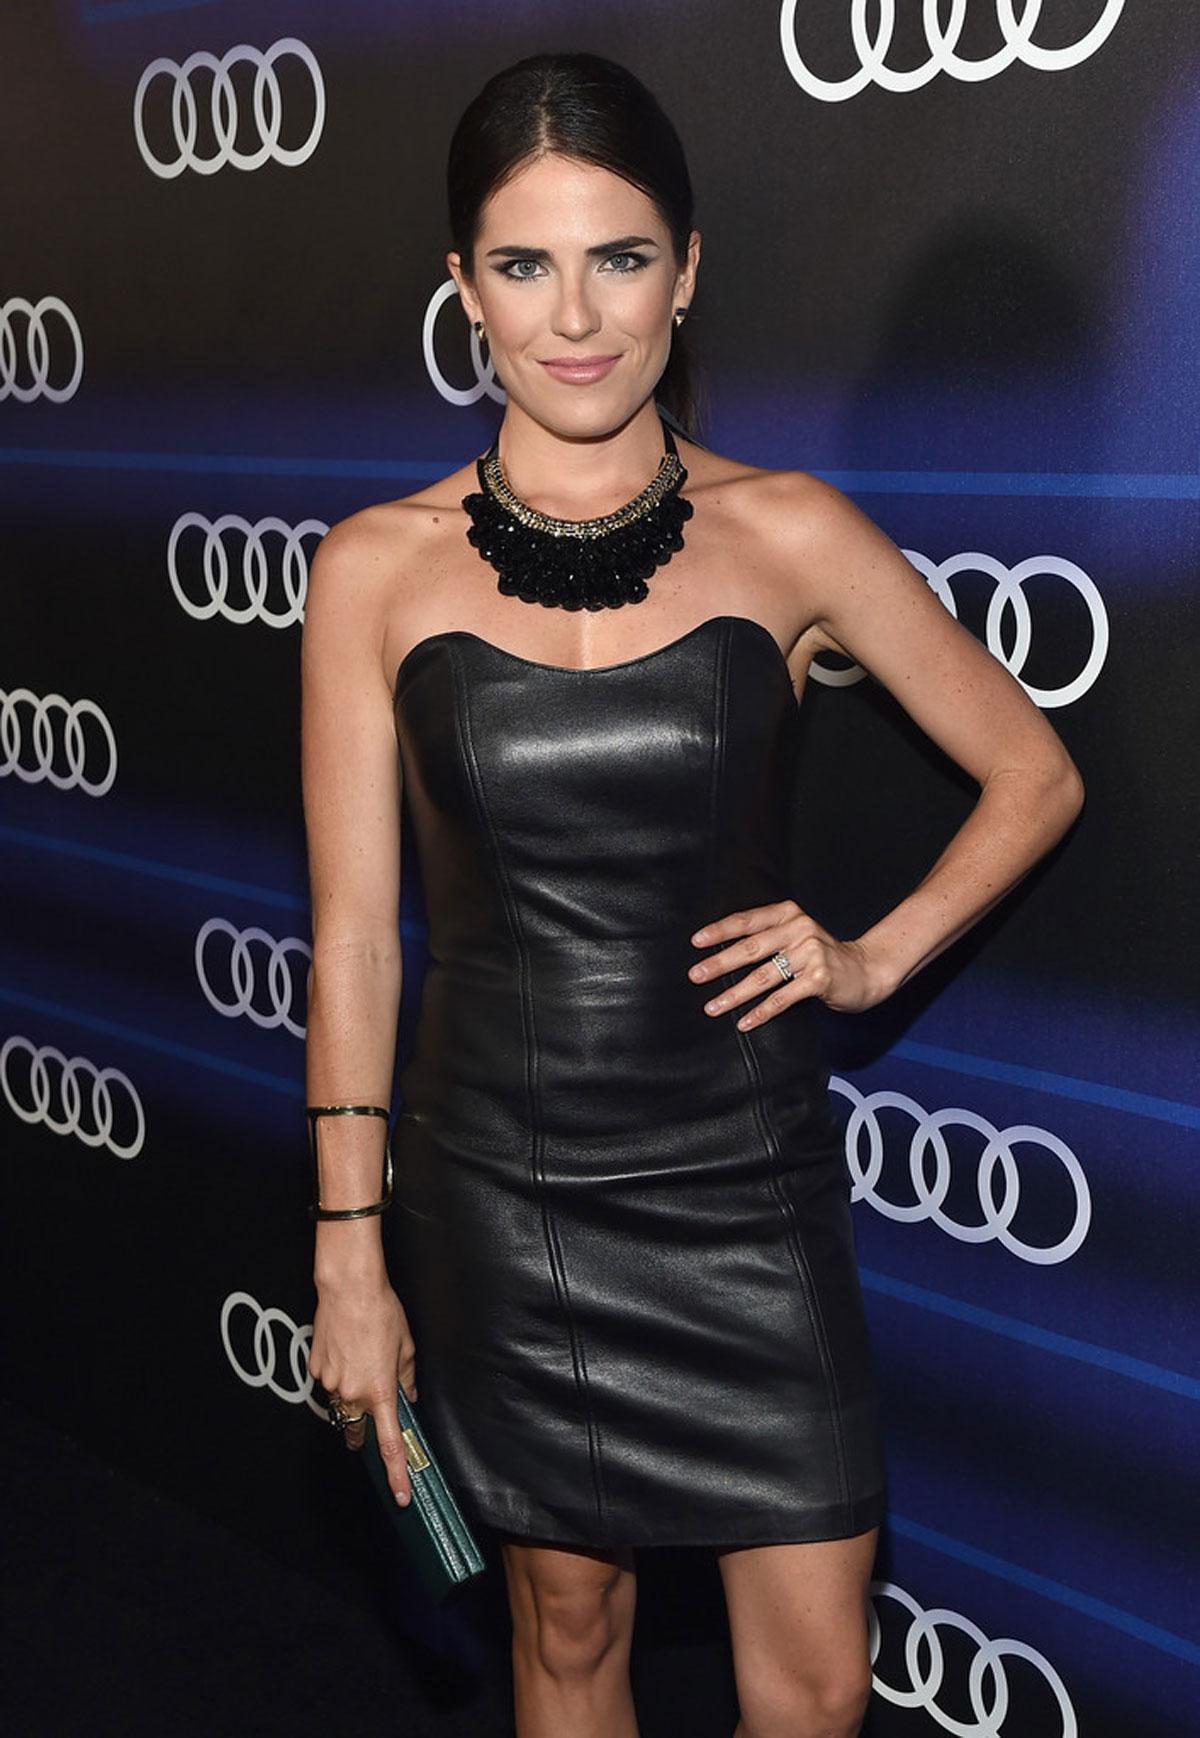 Karla Souza attends Audi's Celebration of Emmys Week 2014